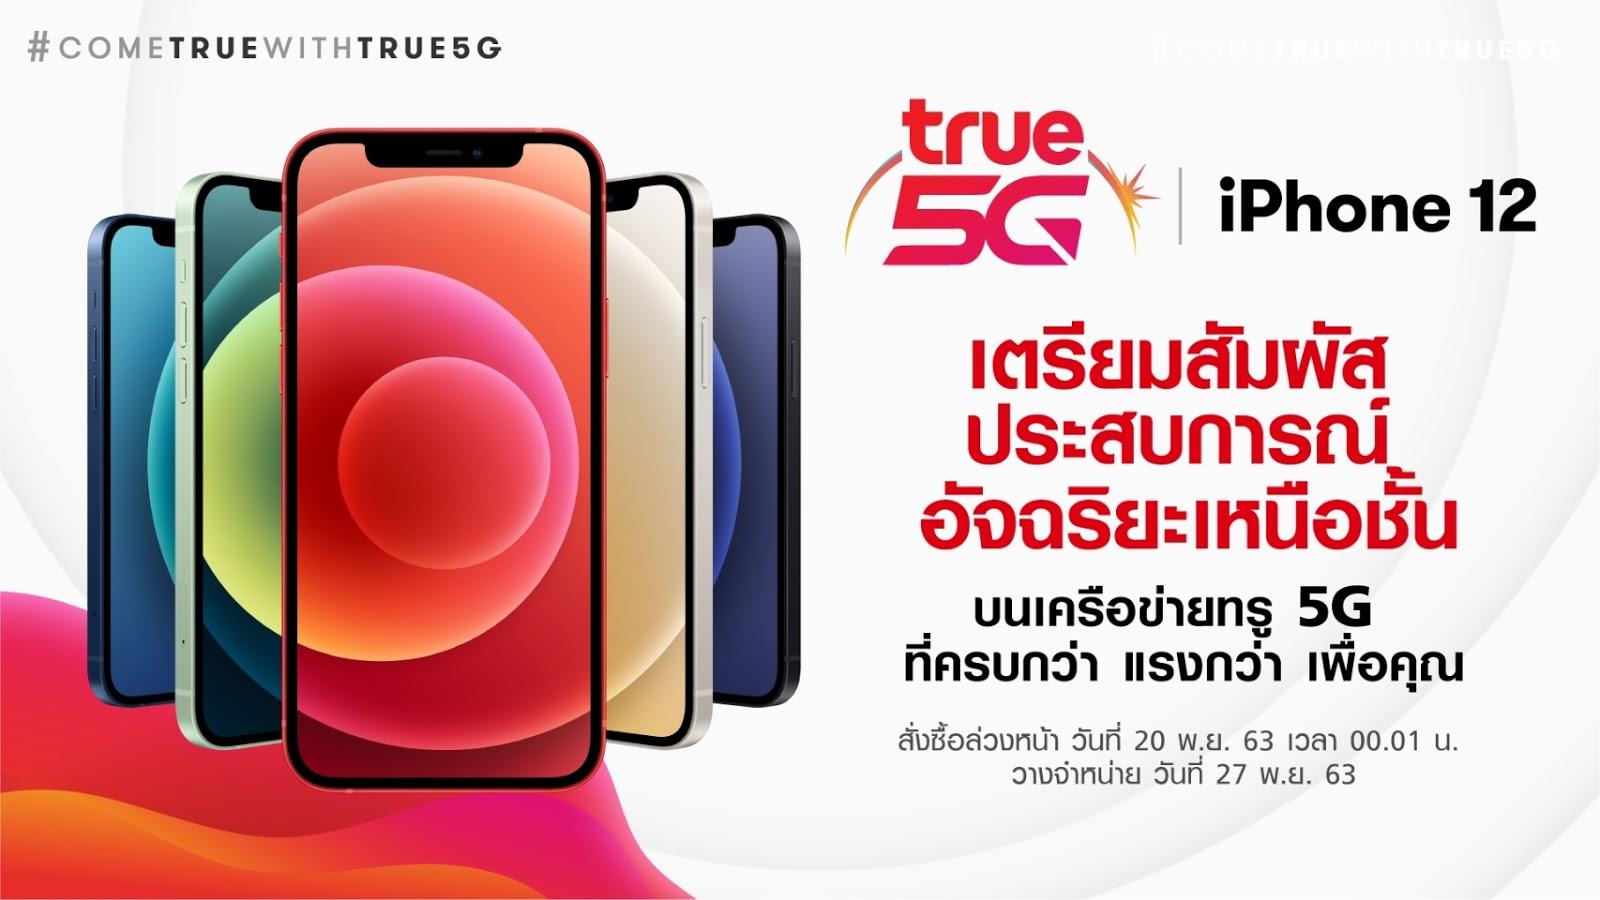 ยุคใหม่ของ iPhone! Truemove H เตรียมวางจำหน่าย iPhone 12 ทุกรุ่นเริ่มสั่งซื้อได้ในวันที่ 20พฤศจิกายน โดยทุกรุ่นรองรับเครือข่ายอัจฉริยะ True 5G